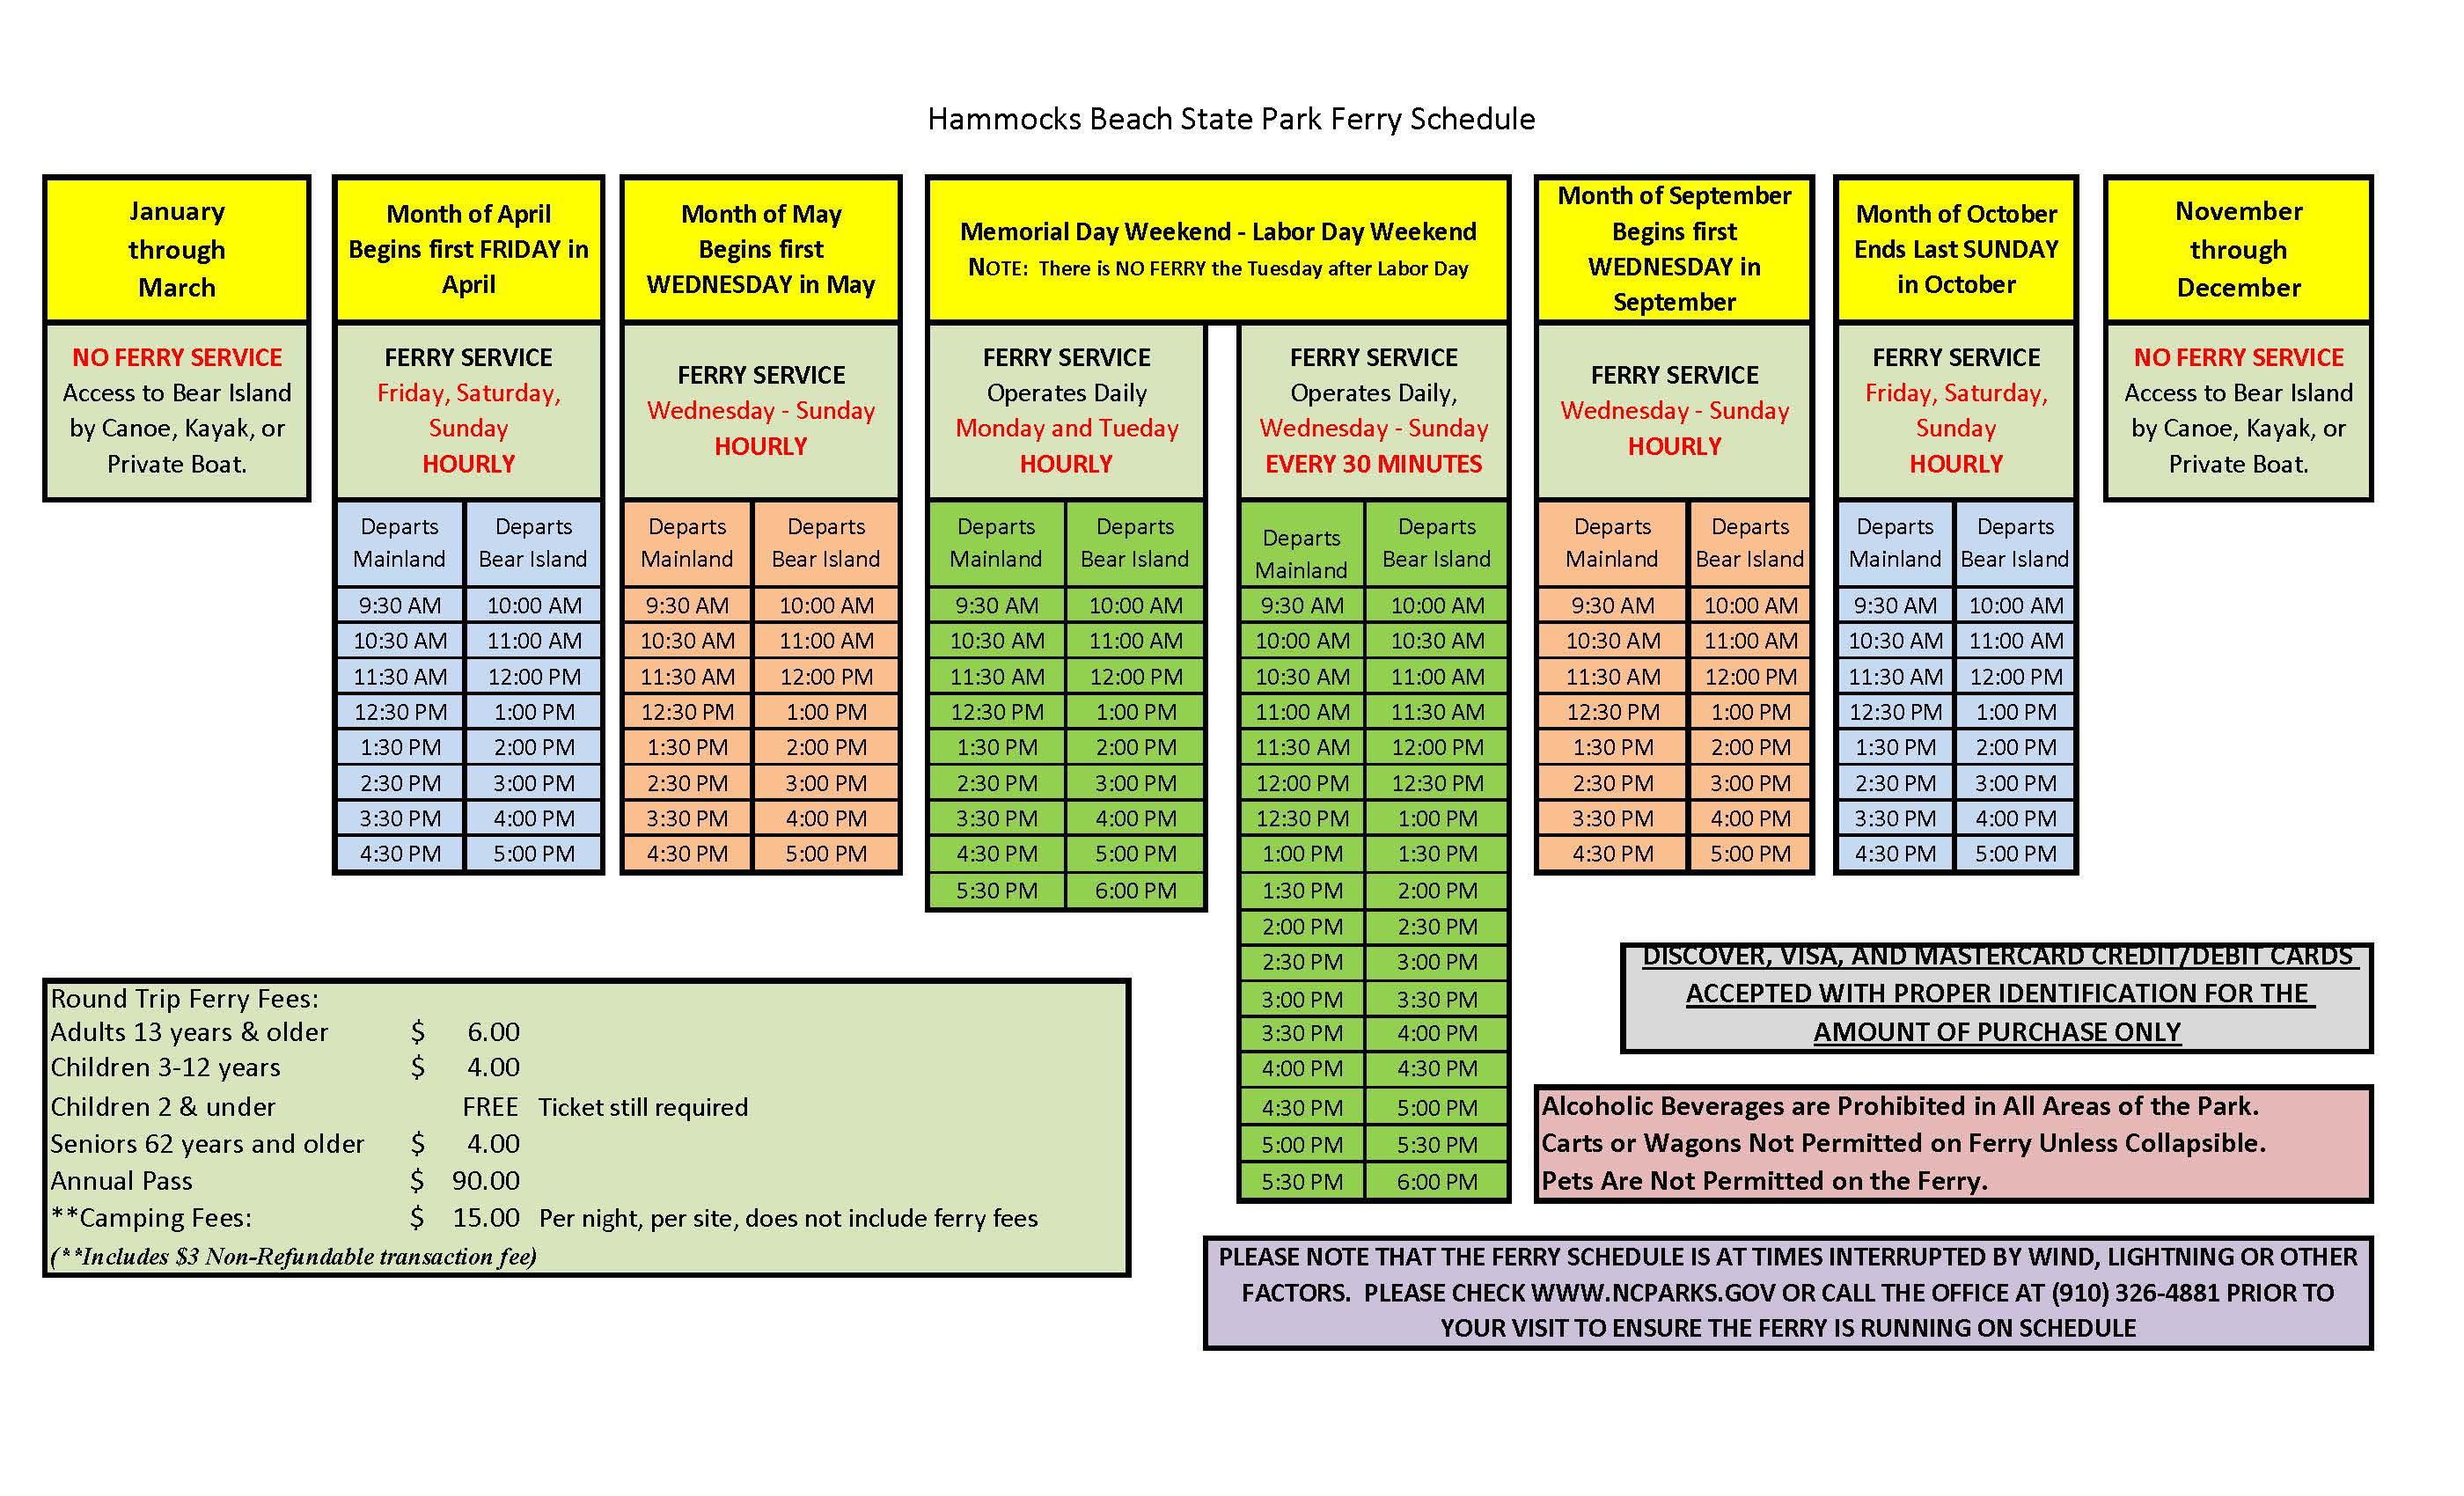 Hammocks Beach State Park ferry schedule